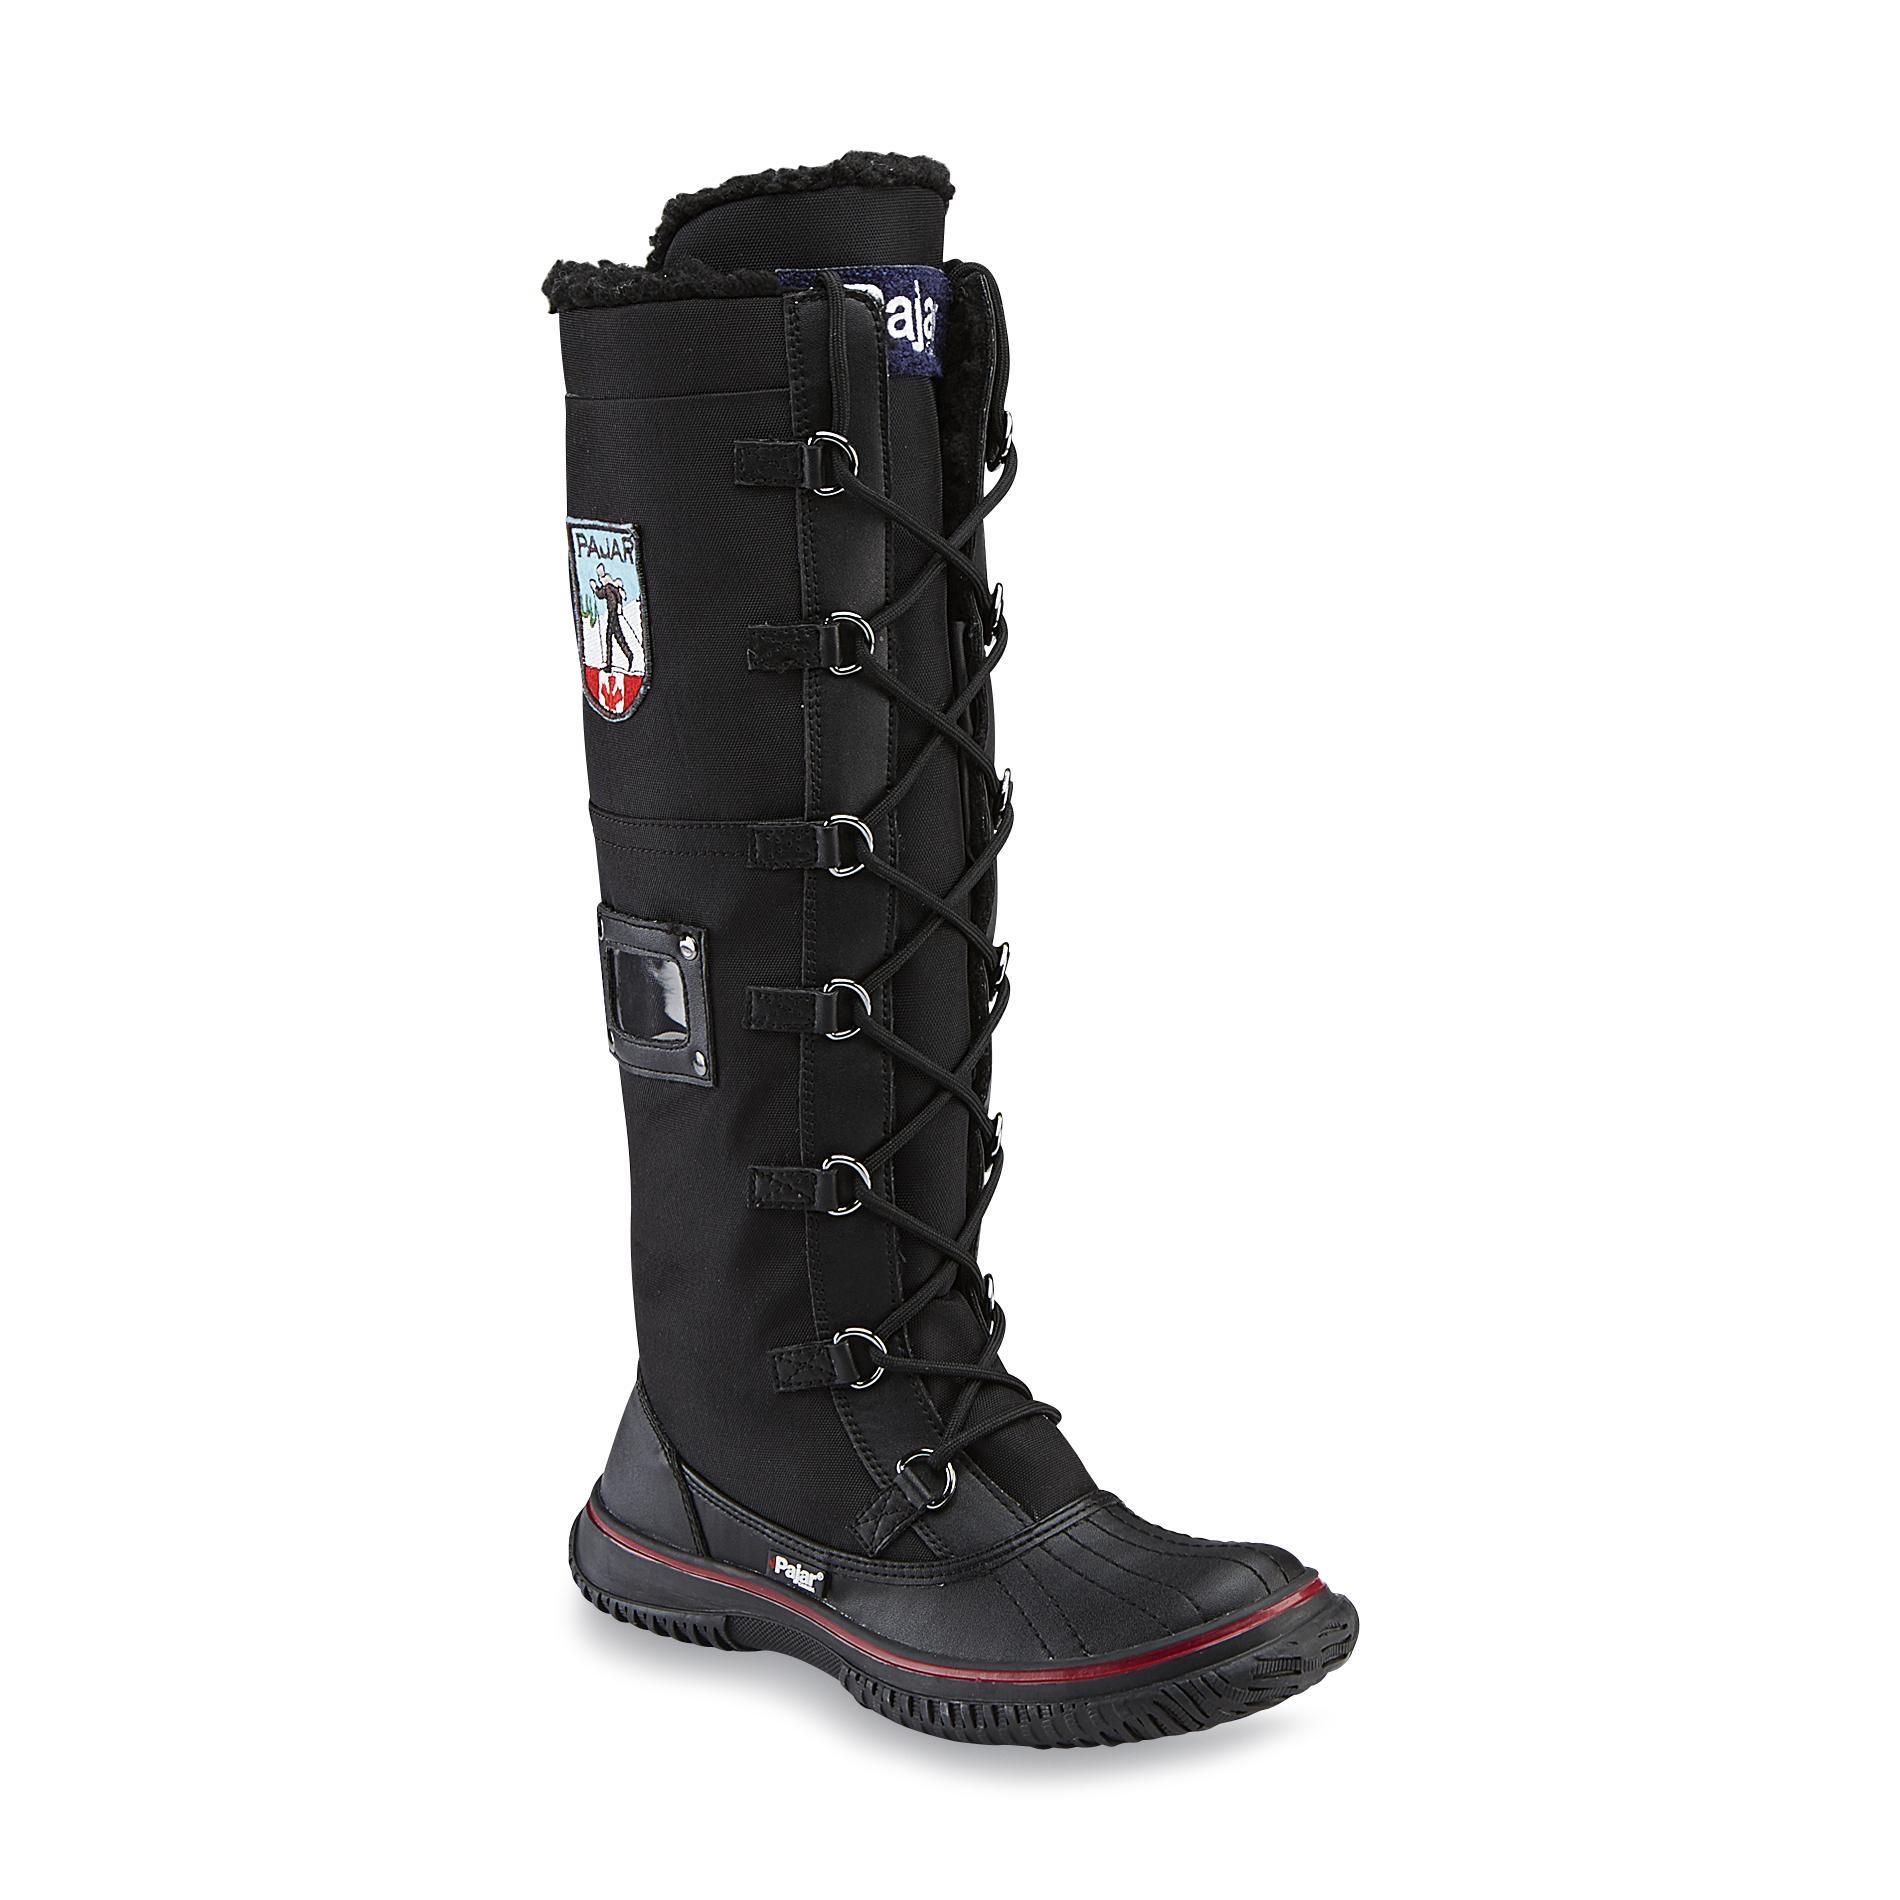 Pajarr Women39s Grip Zip Black Winter Boot